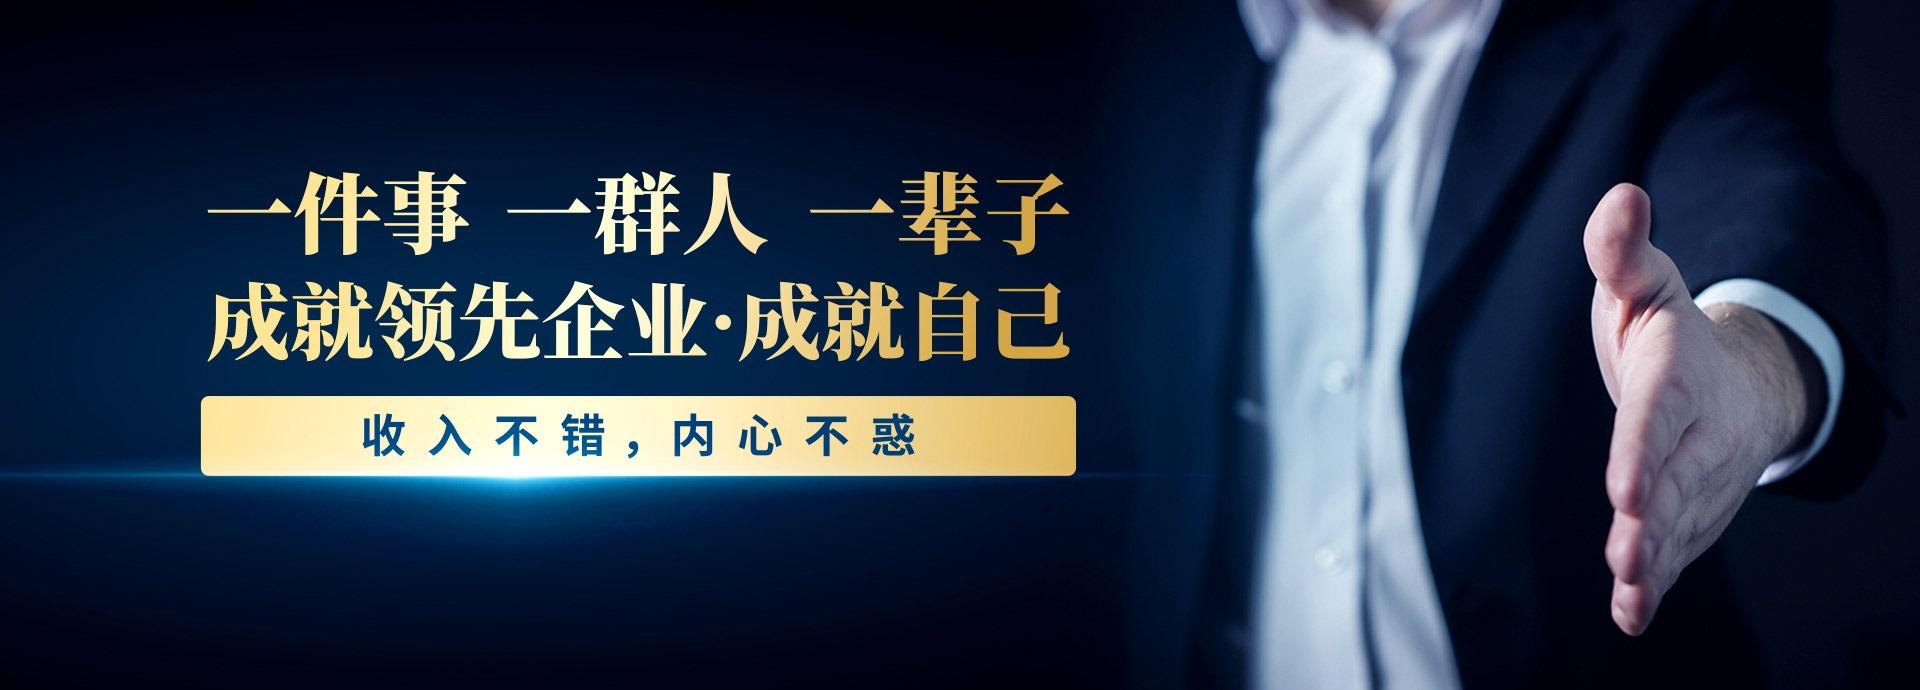 广州道成咨询-阿米巴咨询公司道成简介-阿米巴人才需求banner